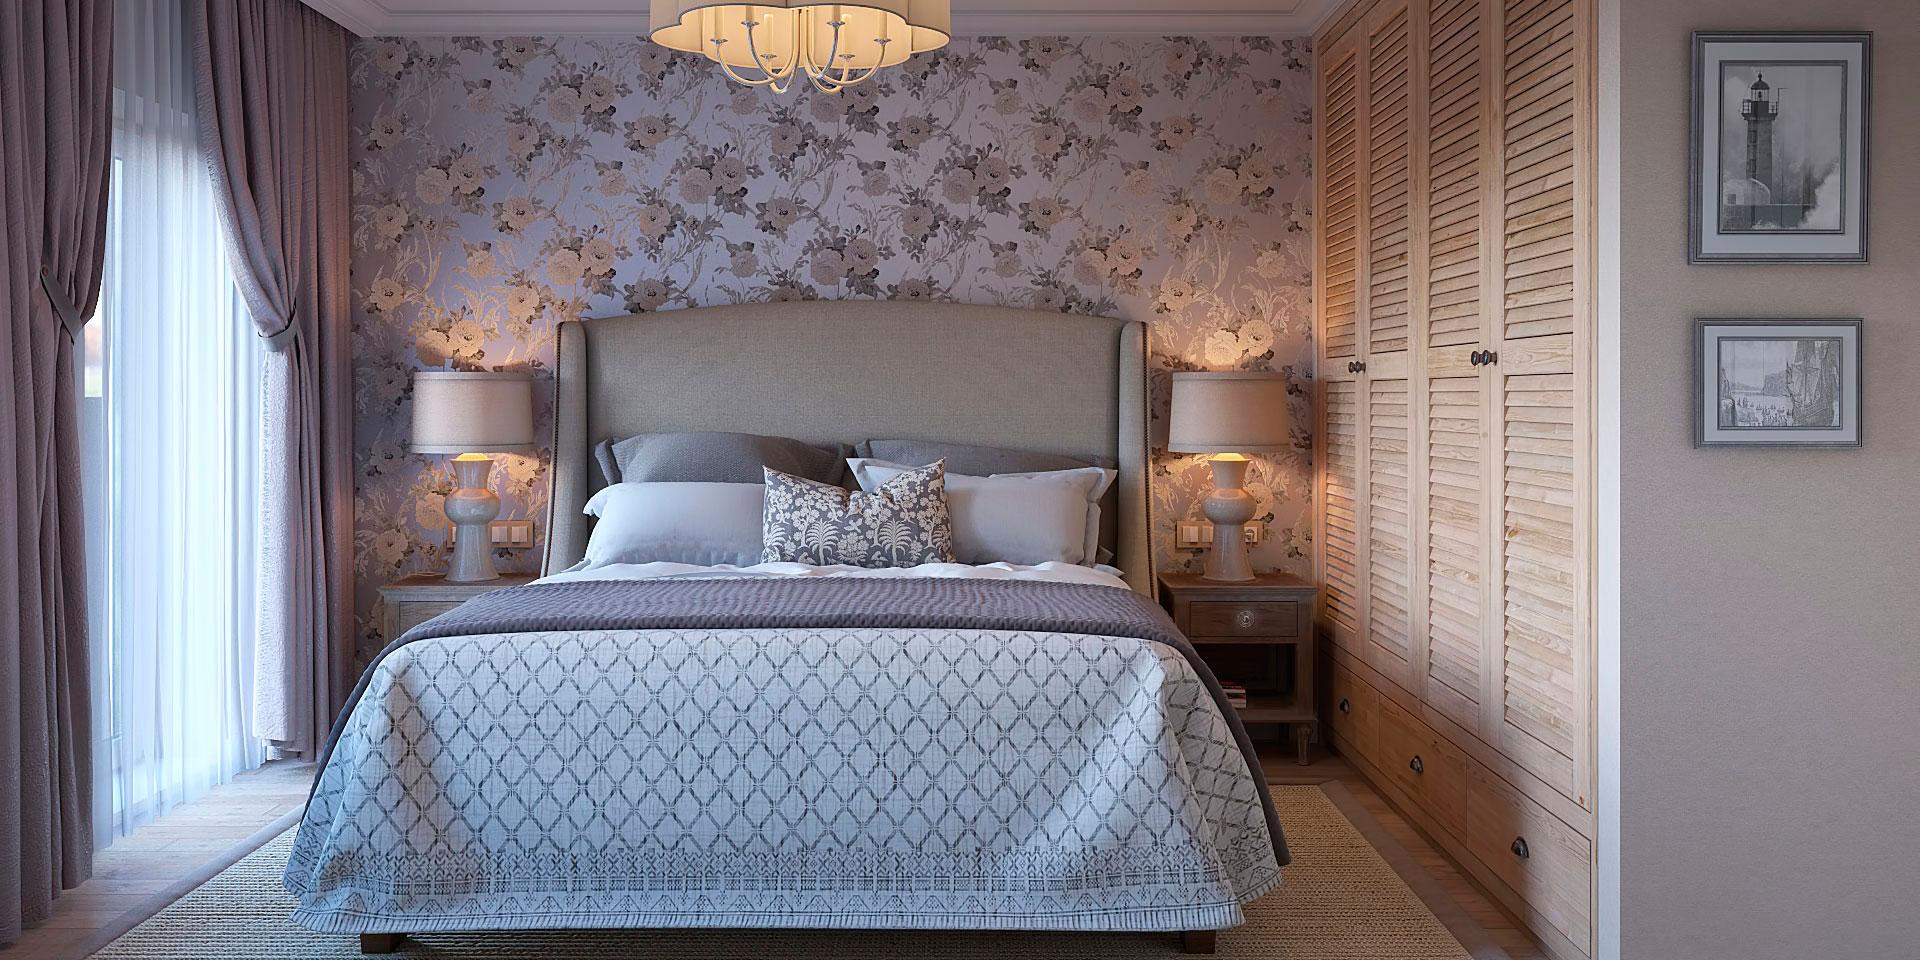 Дизайн спальни 18 кв м с цветочными обоями